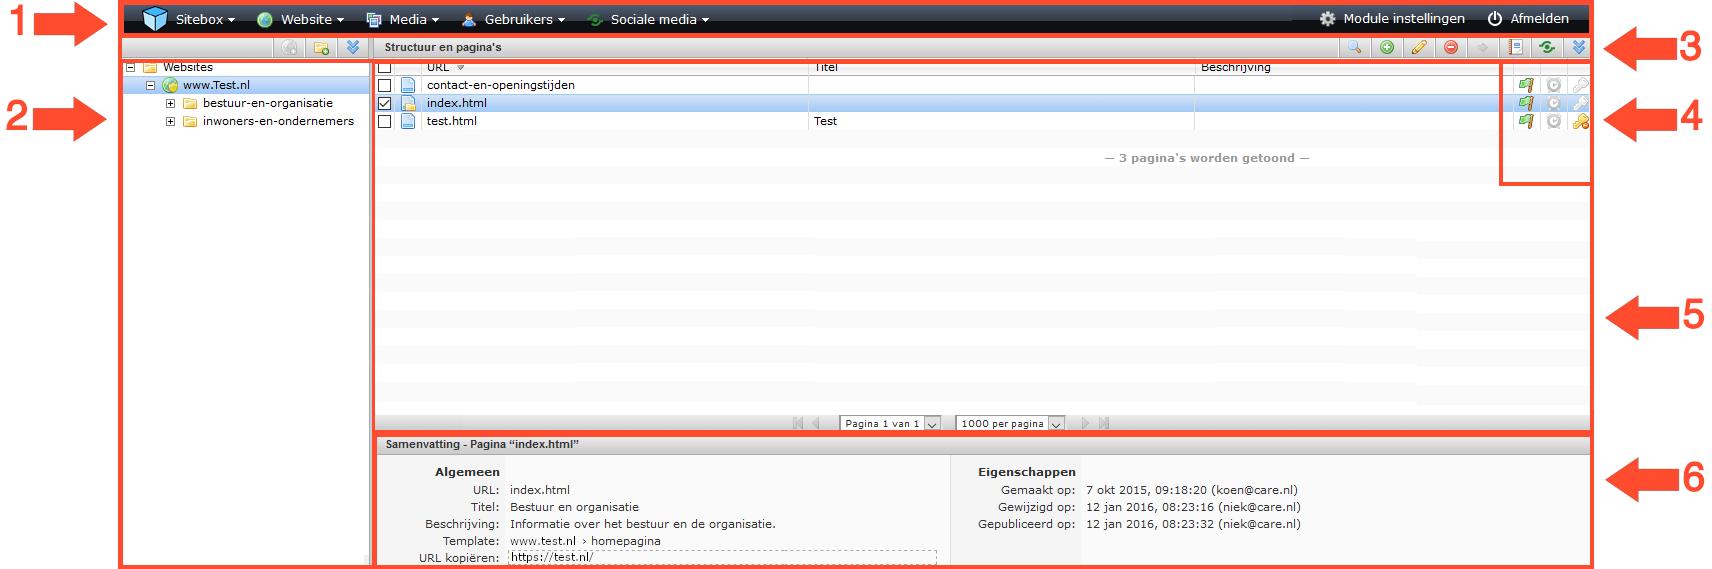 schermafdruk van de complete gebruikersinterface ingedeeld in verschillende delen